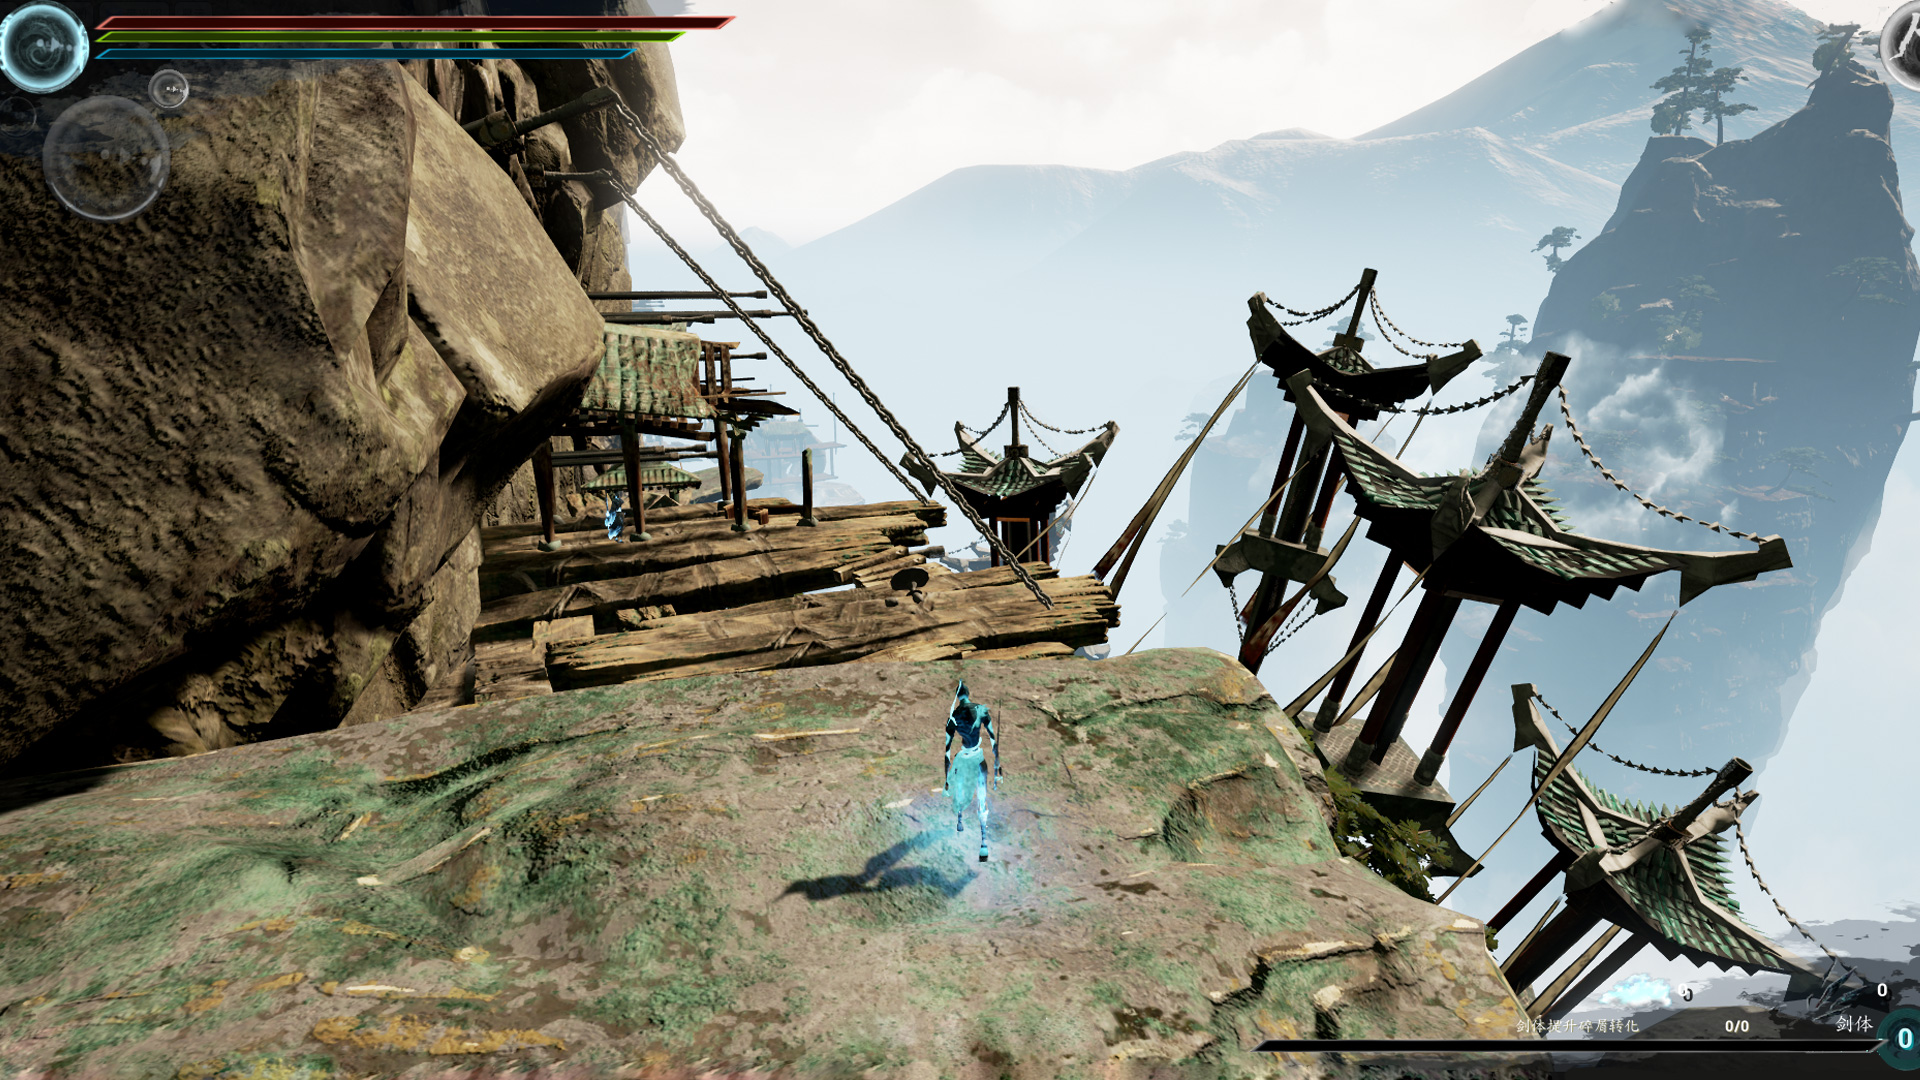 仙侠动作游戏《剑魄》开启试玩 正式版将于9月23日发售